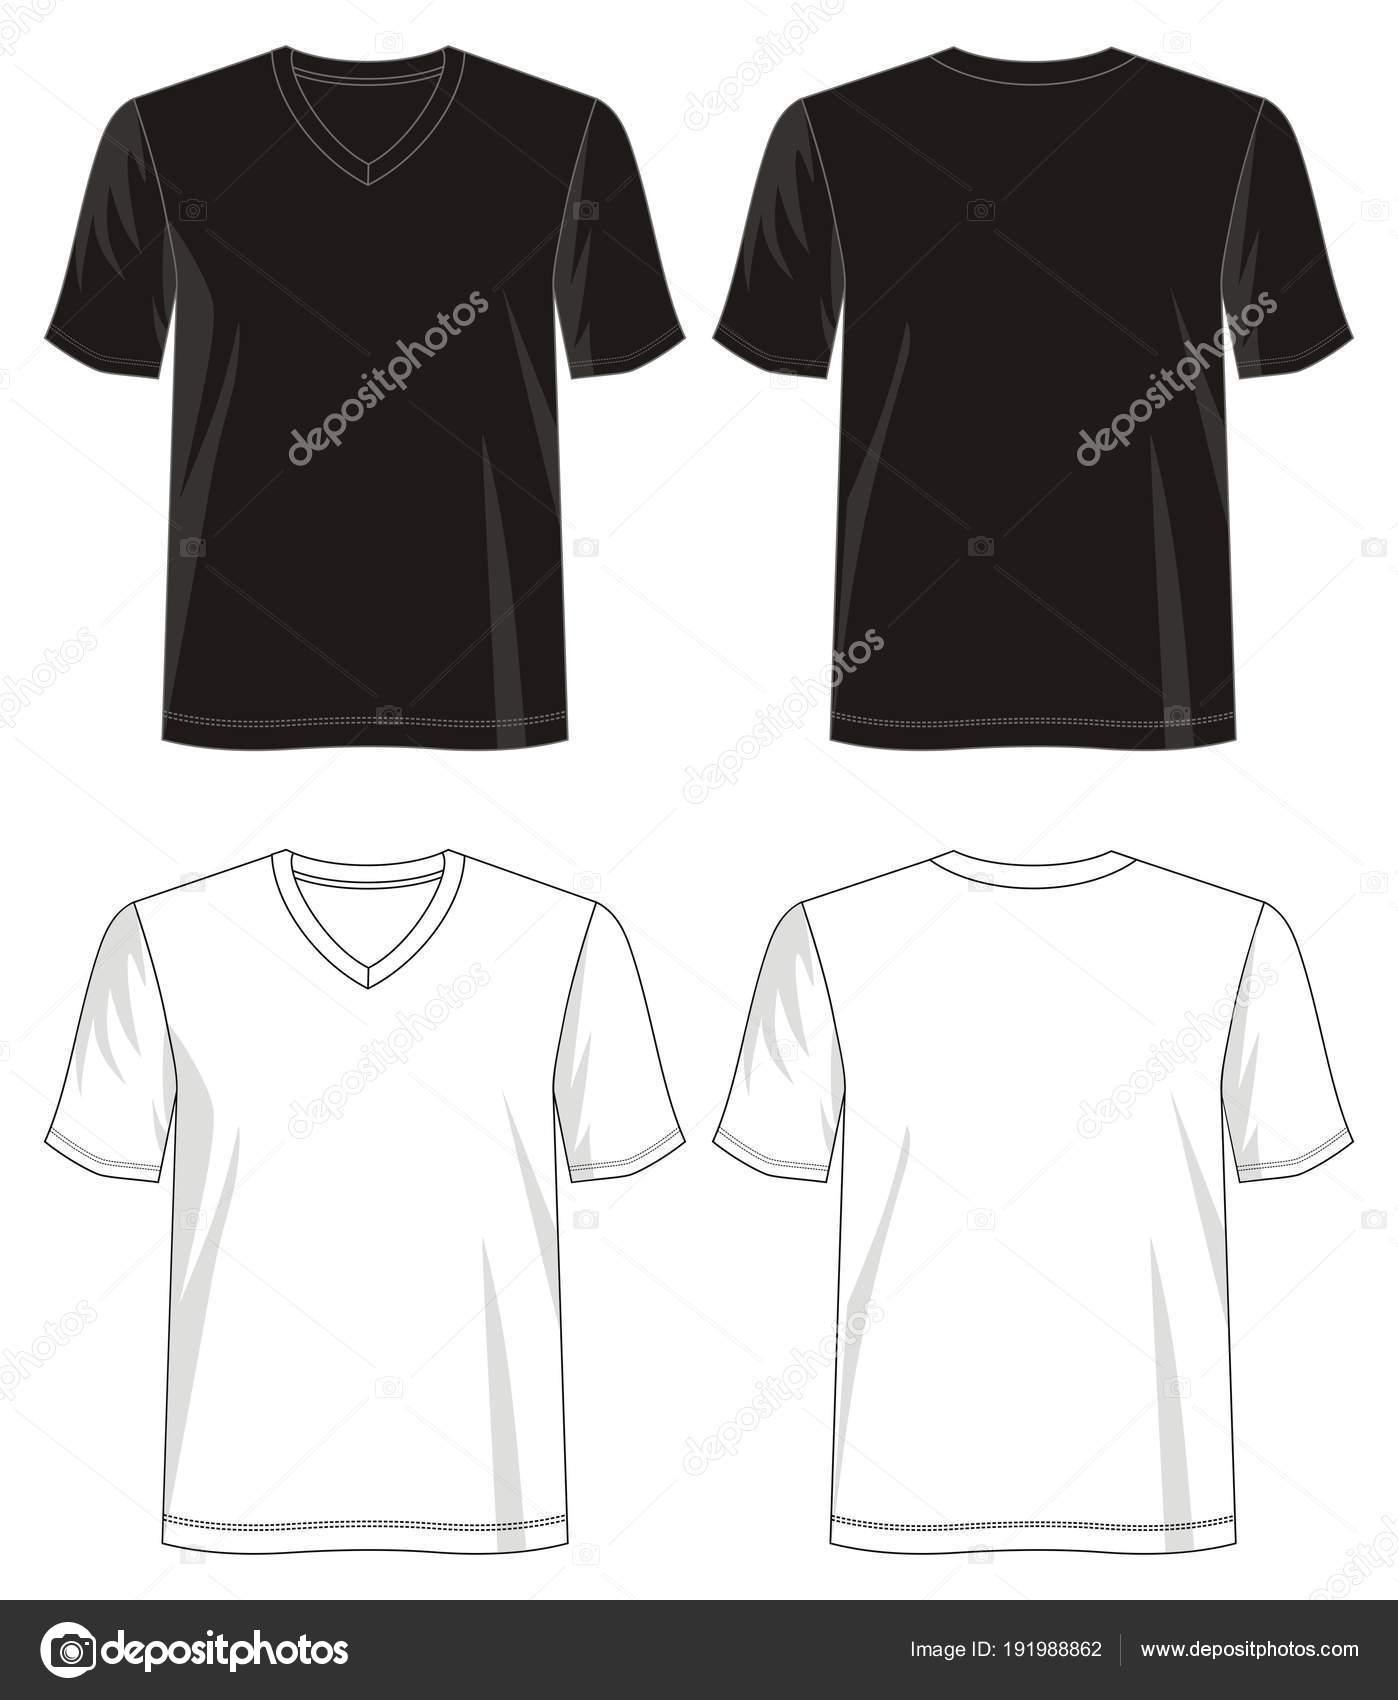 Design Vektor Shirt Vorlage Kollektion Für Männer Mit Farbe Schwarz ...